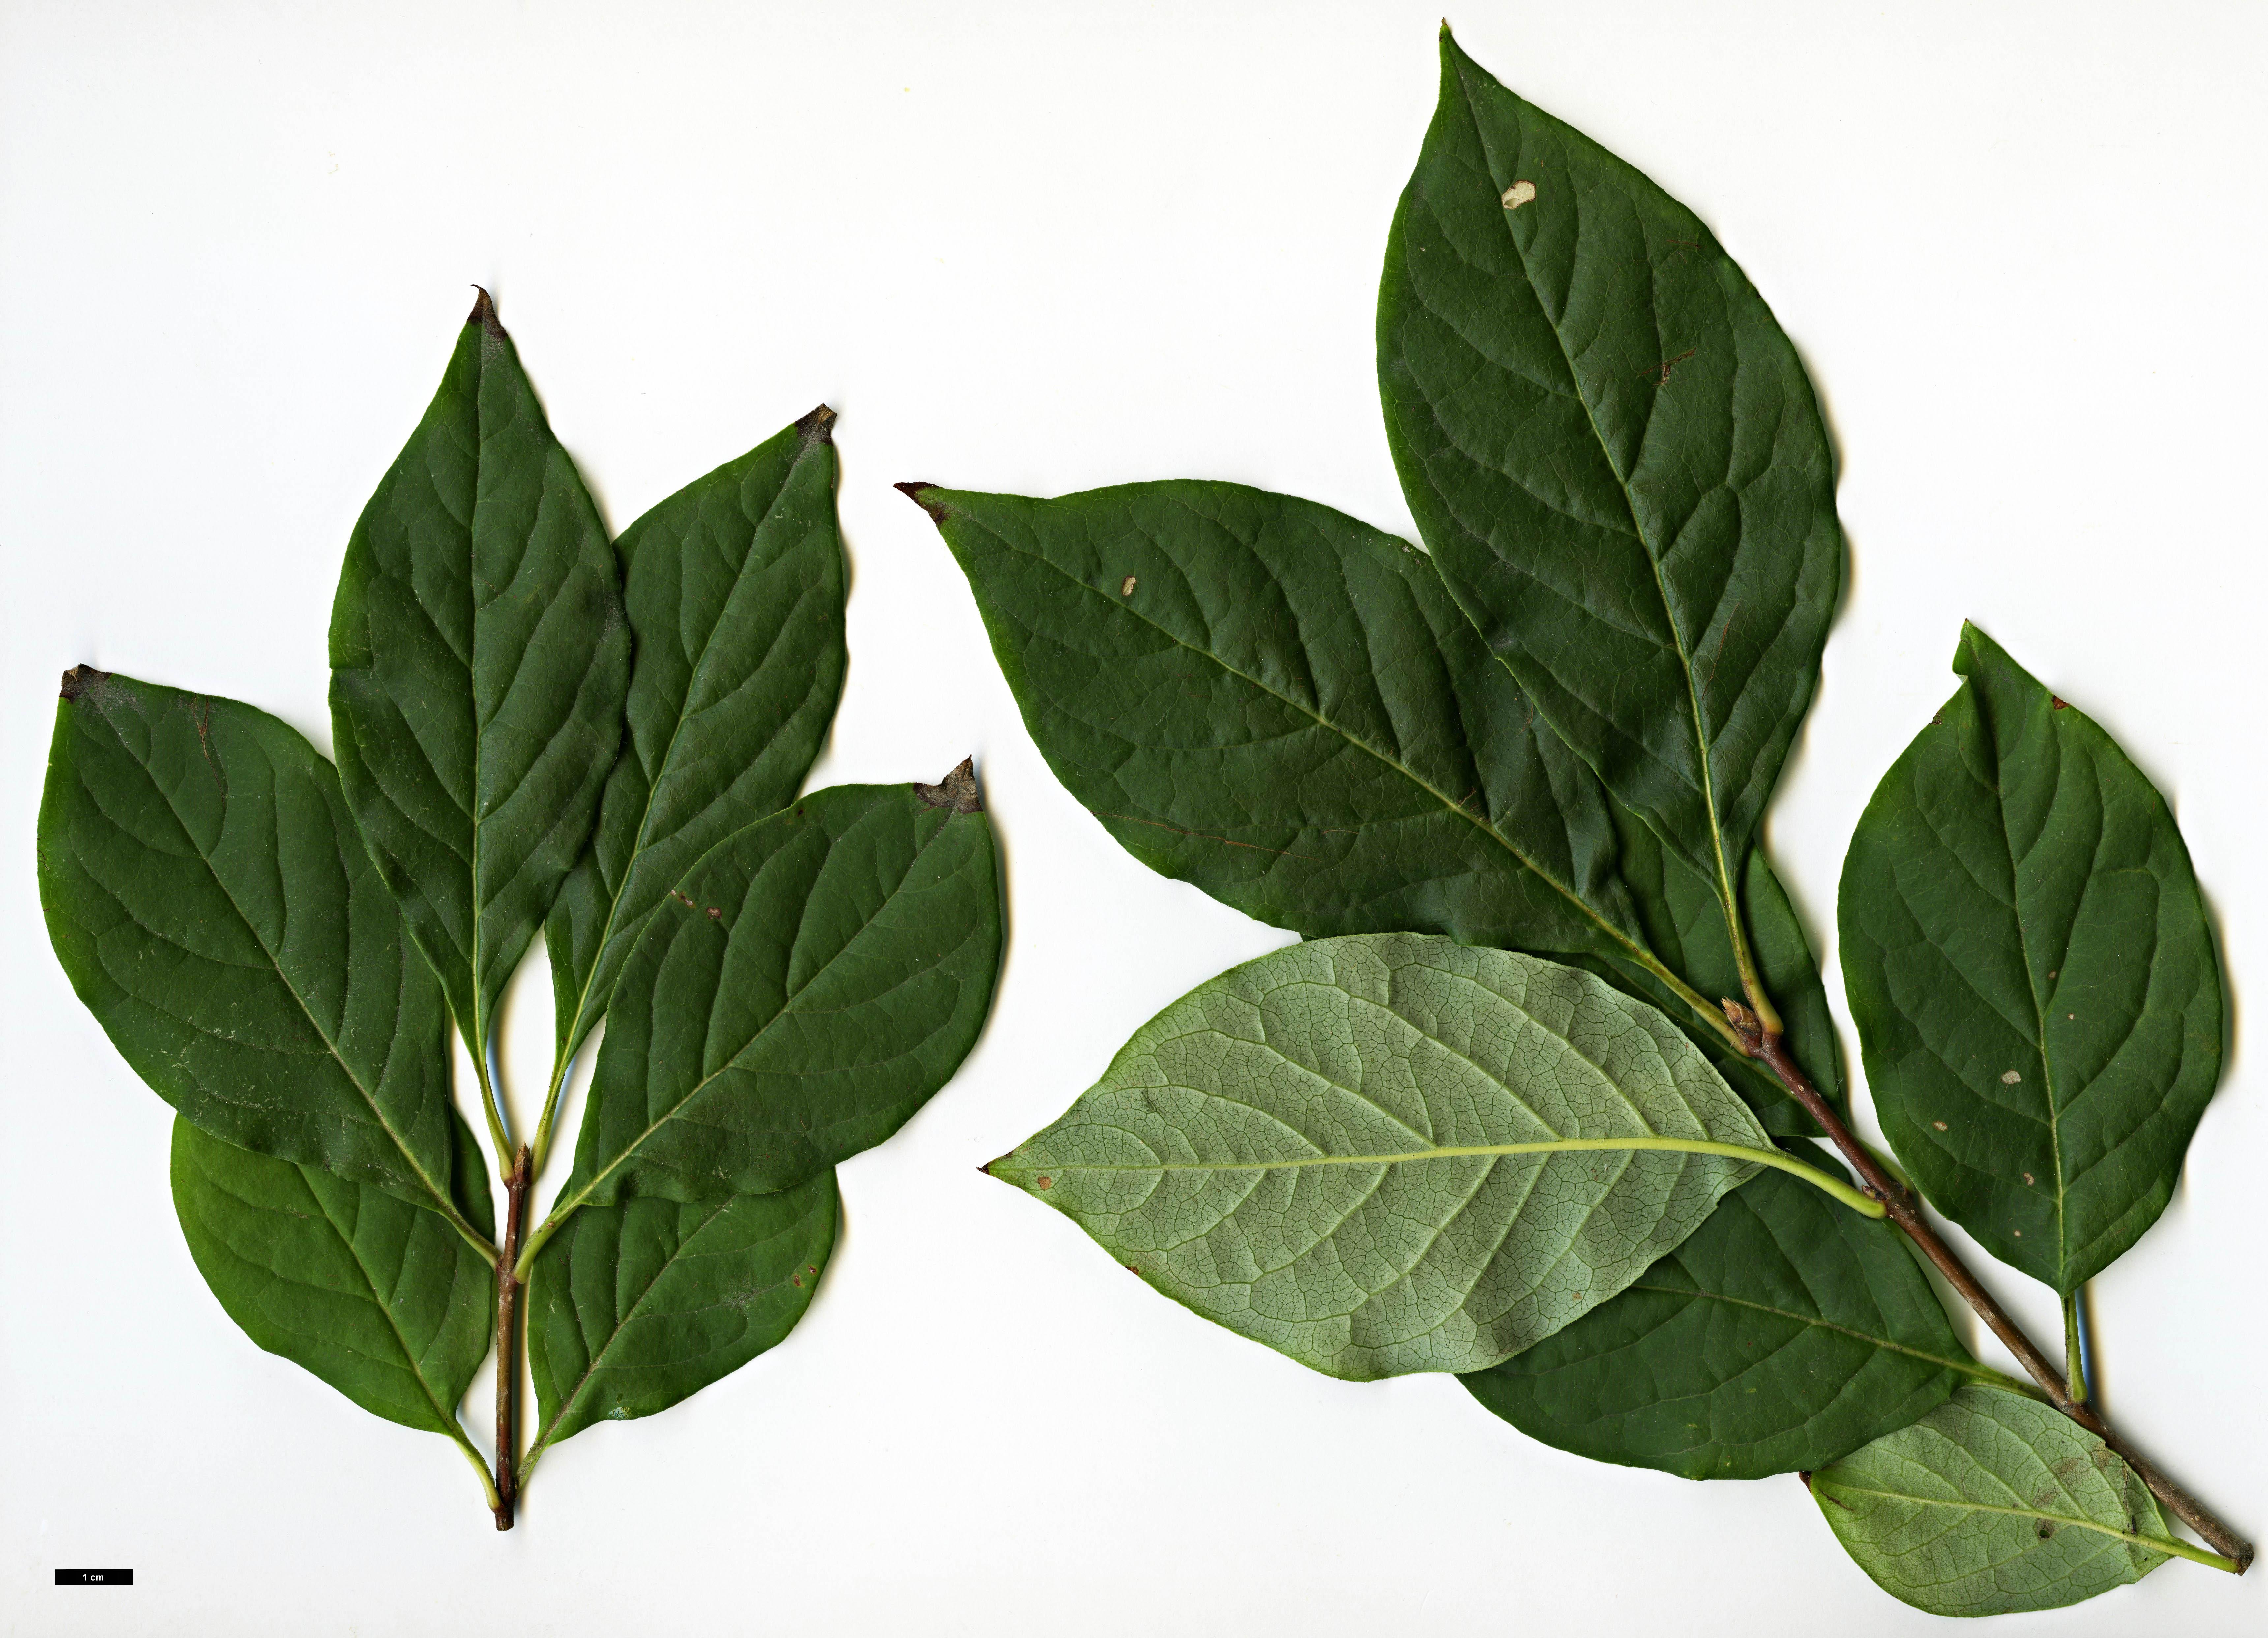 Family Oleaceae Genus Syringa Specy villosa HerbariumCode